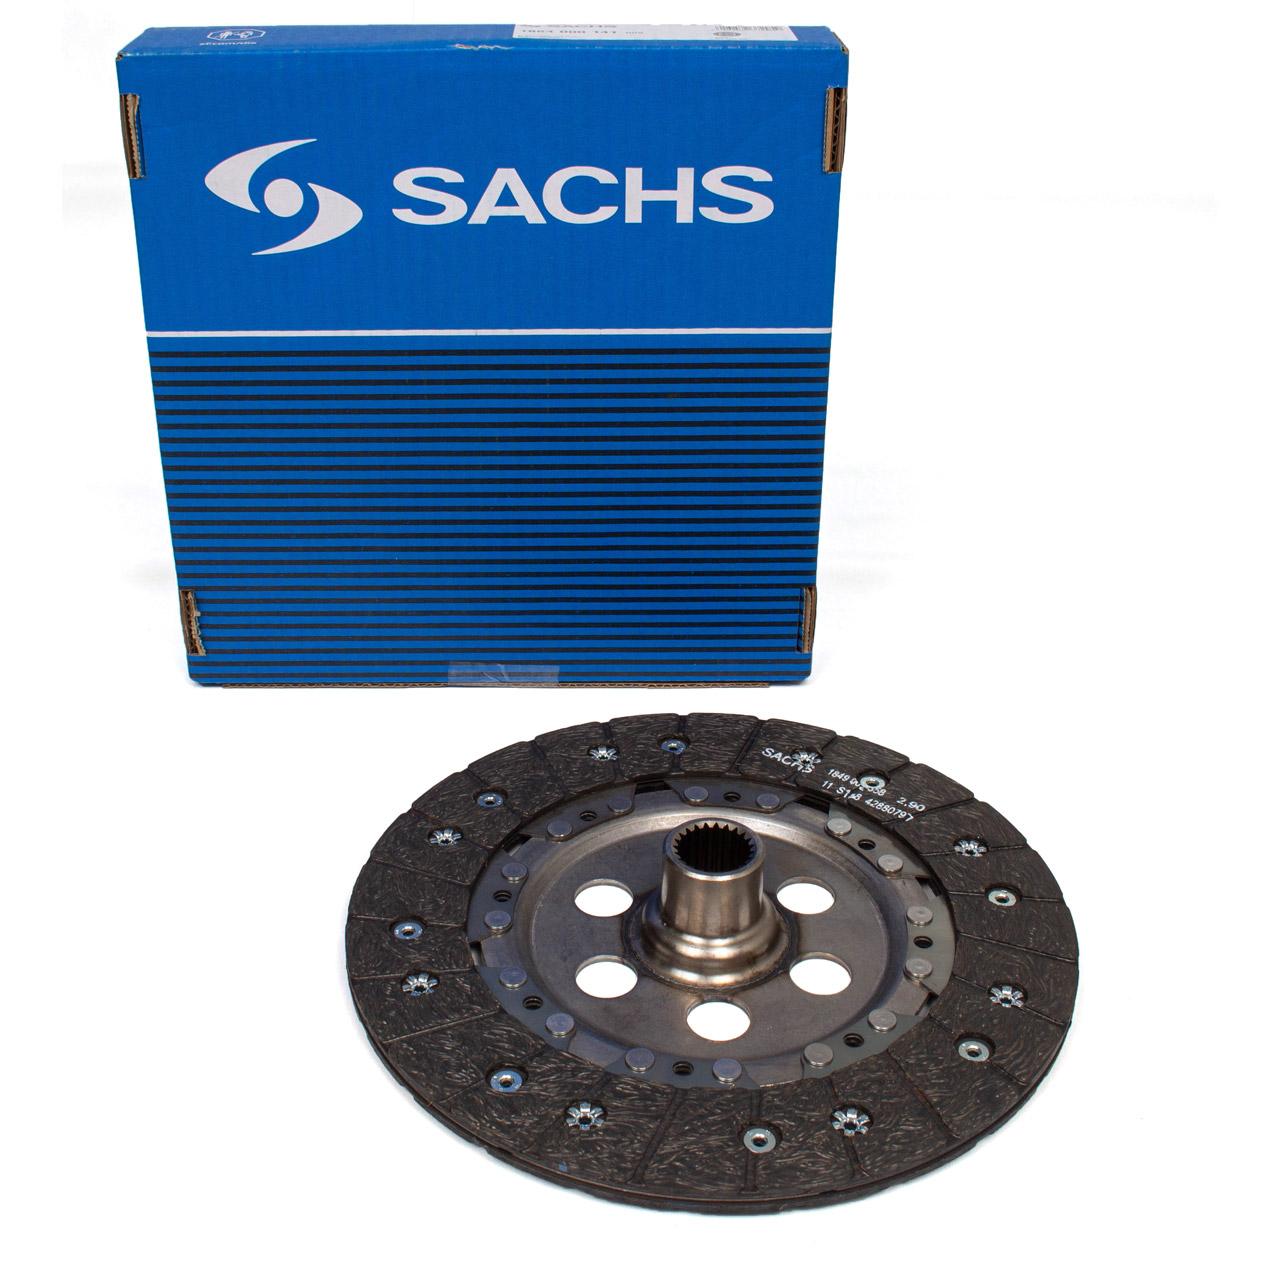 SACHS 1864000141 Kupplungsscheibe PORSCHE 996 3.6 GT3 + 997 3.6 GT3 / Turbo / GT2